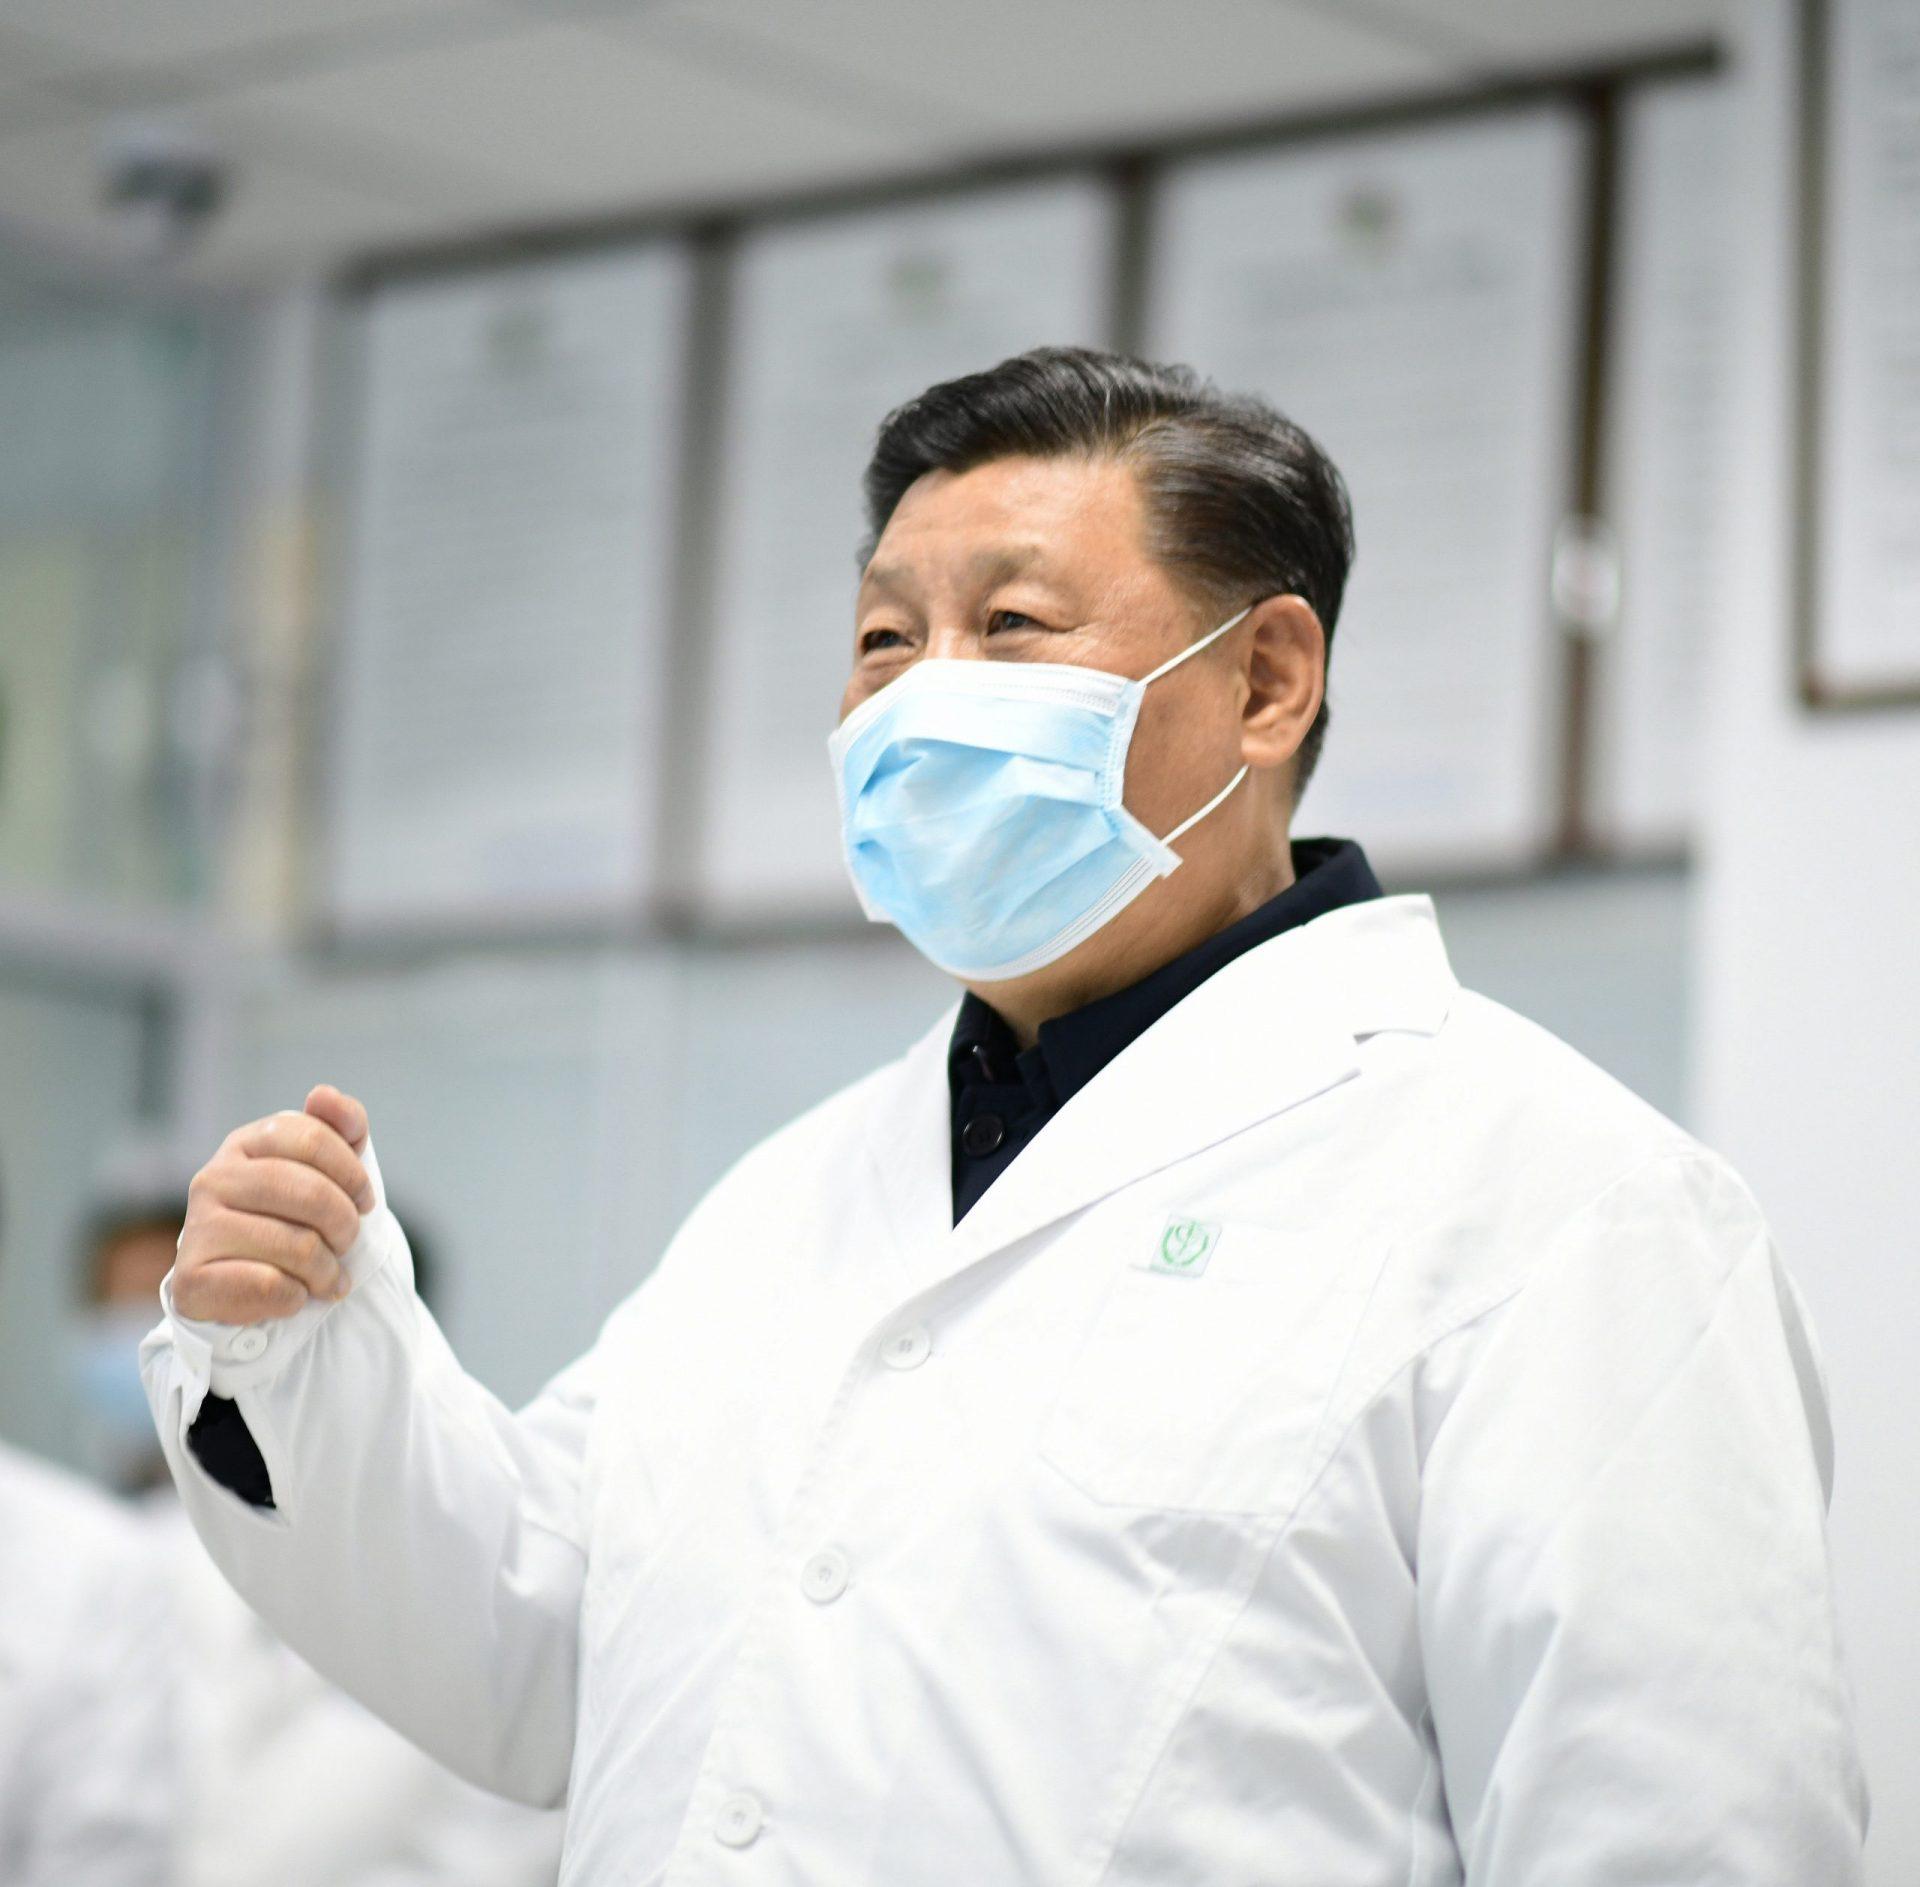 新型コロナウイルスCOVID-19、元統合幕僚長の岩崎氏「わが国は中国の不安定化に備えるべき」